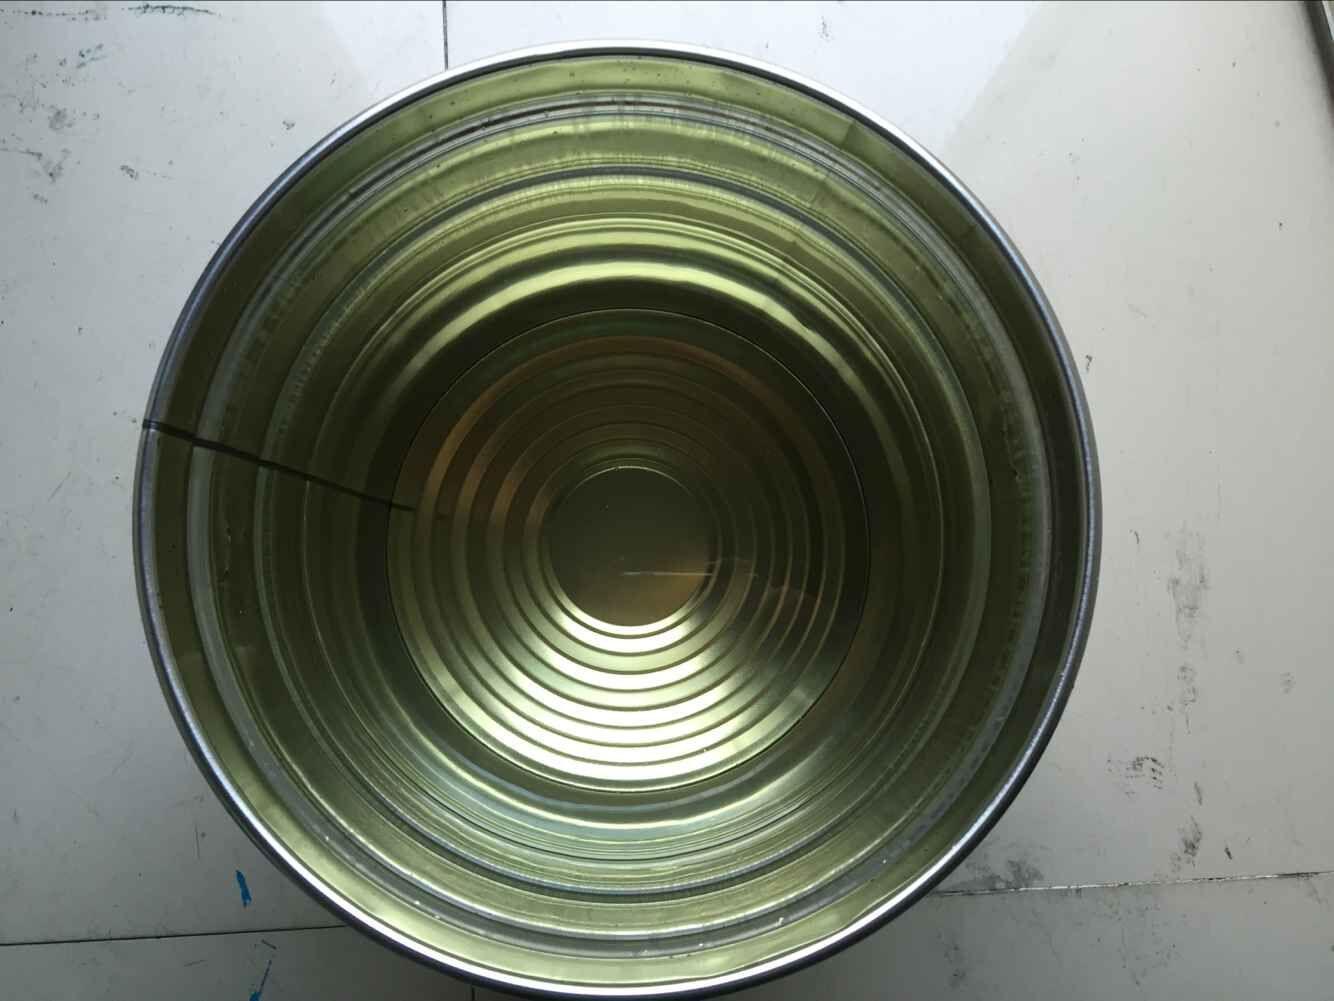 T-8000大理石UV光油 水性uv光油 喷涂塑胶uv光油 高光塑胶uv光油